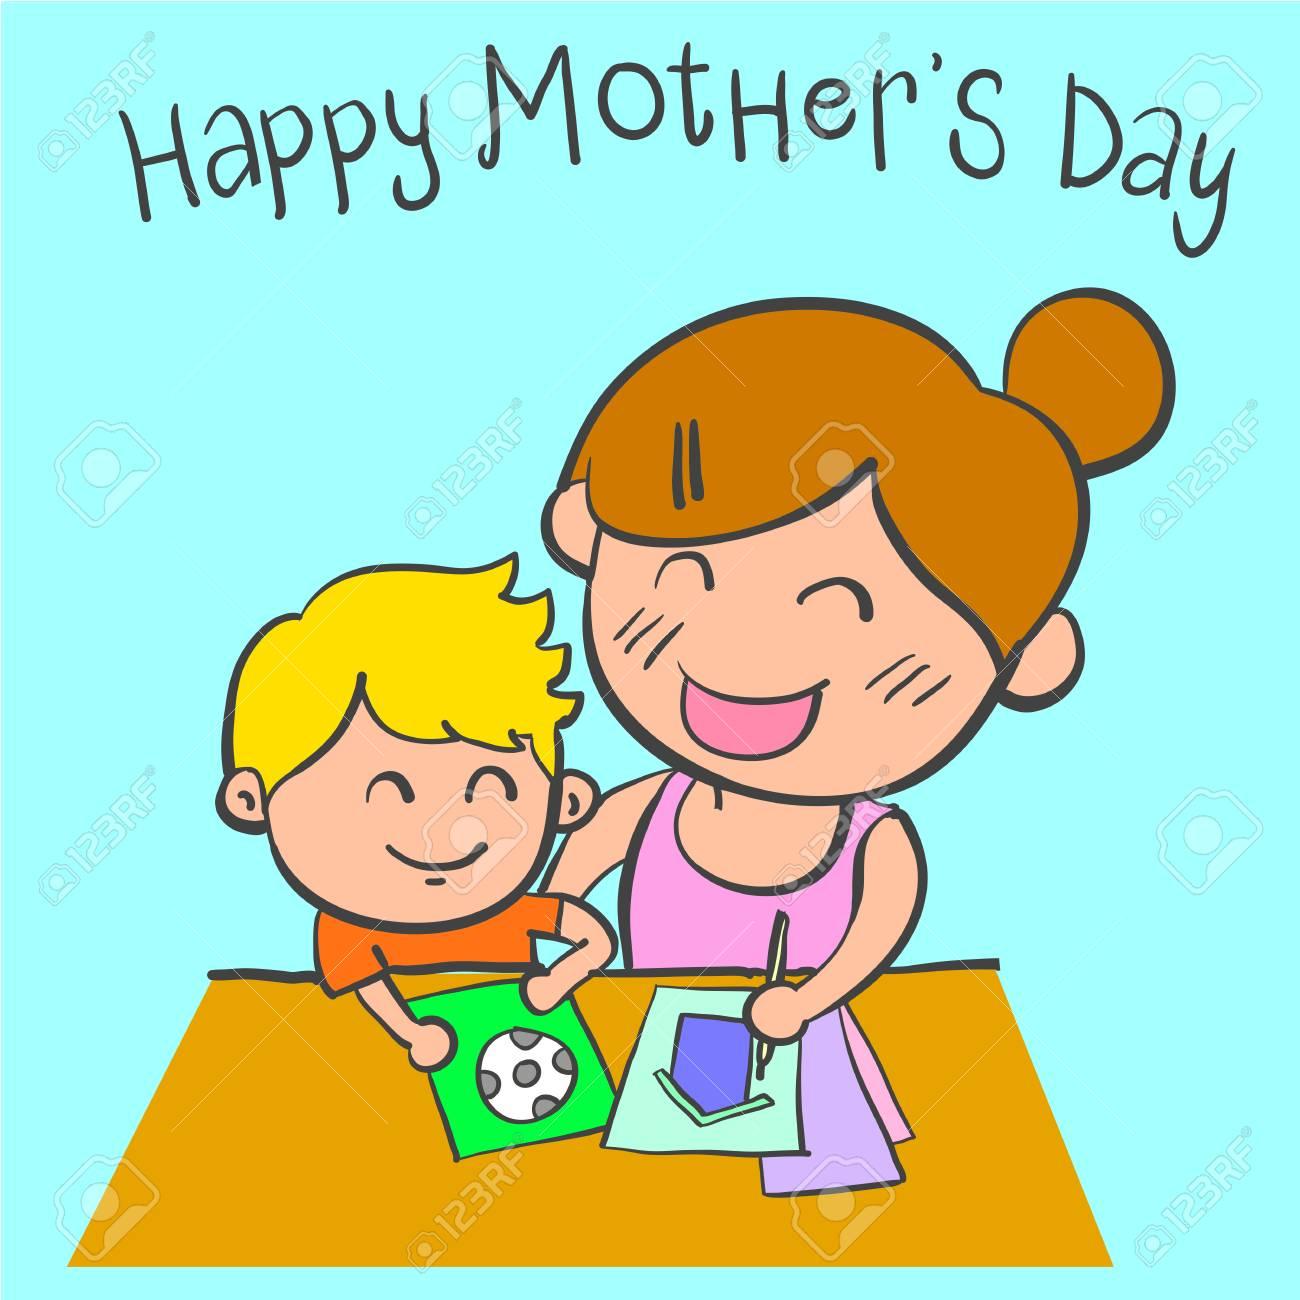 Arte De Vector De Diseño De Dibujos Animados Feliz Día De La Madre